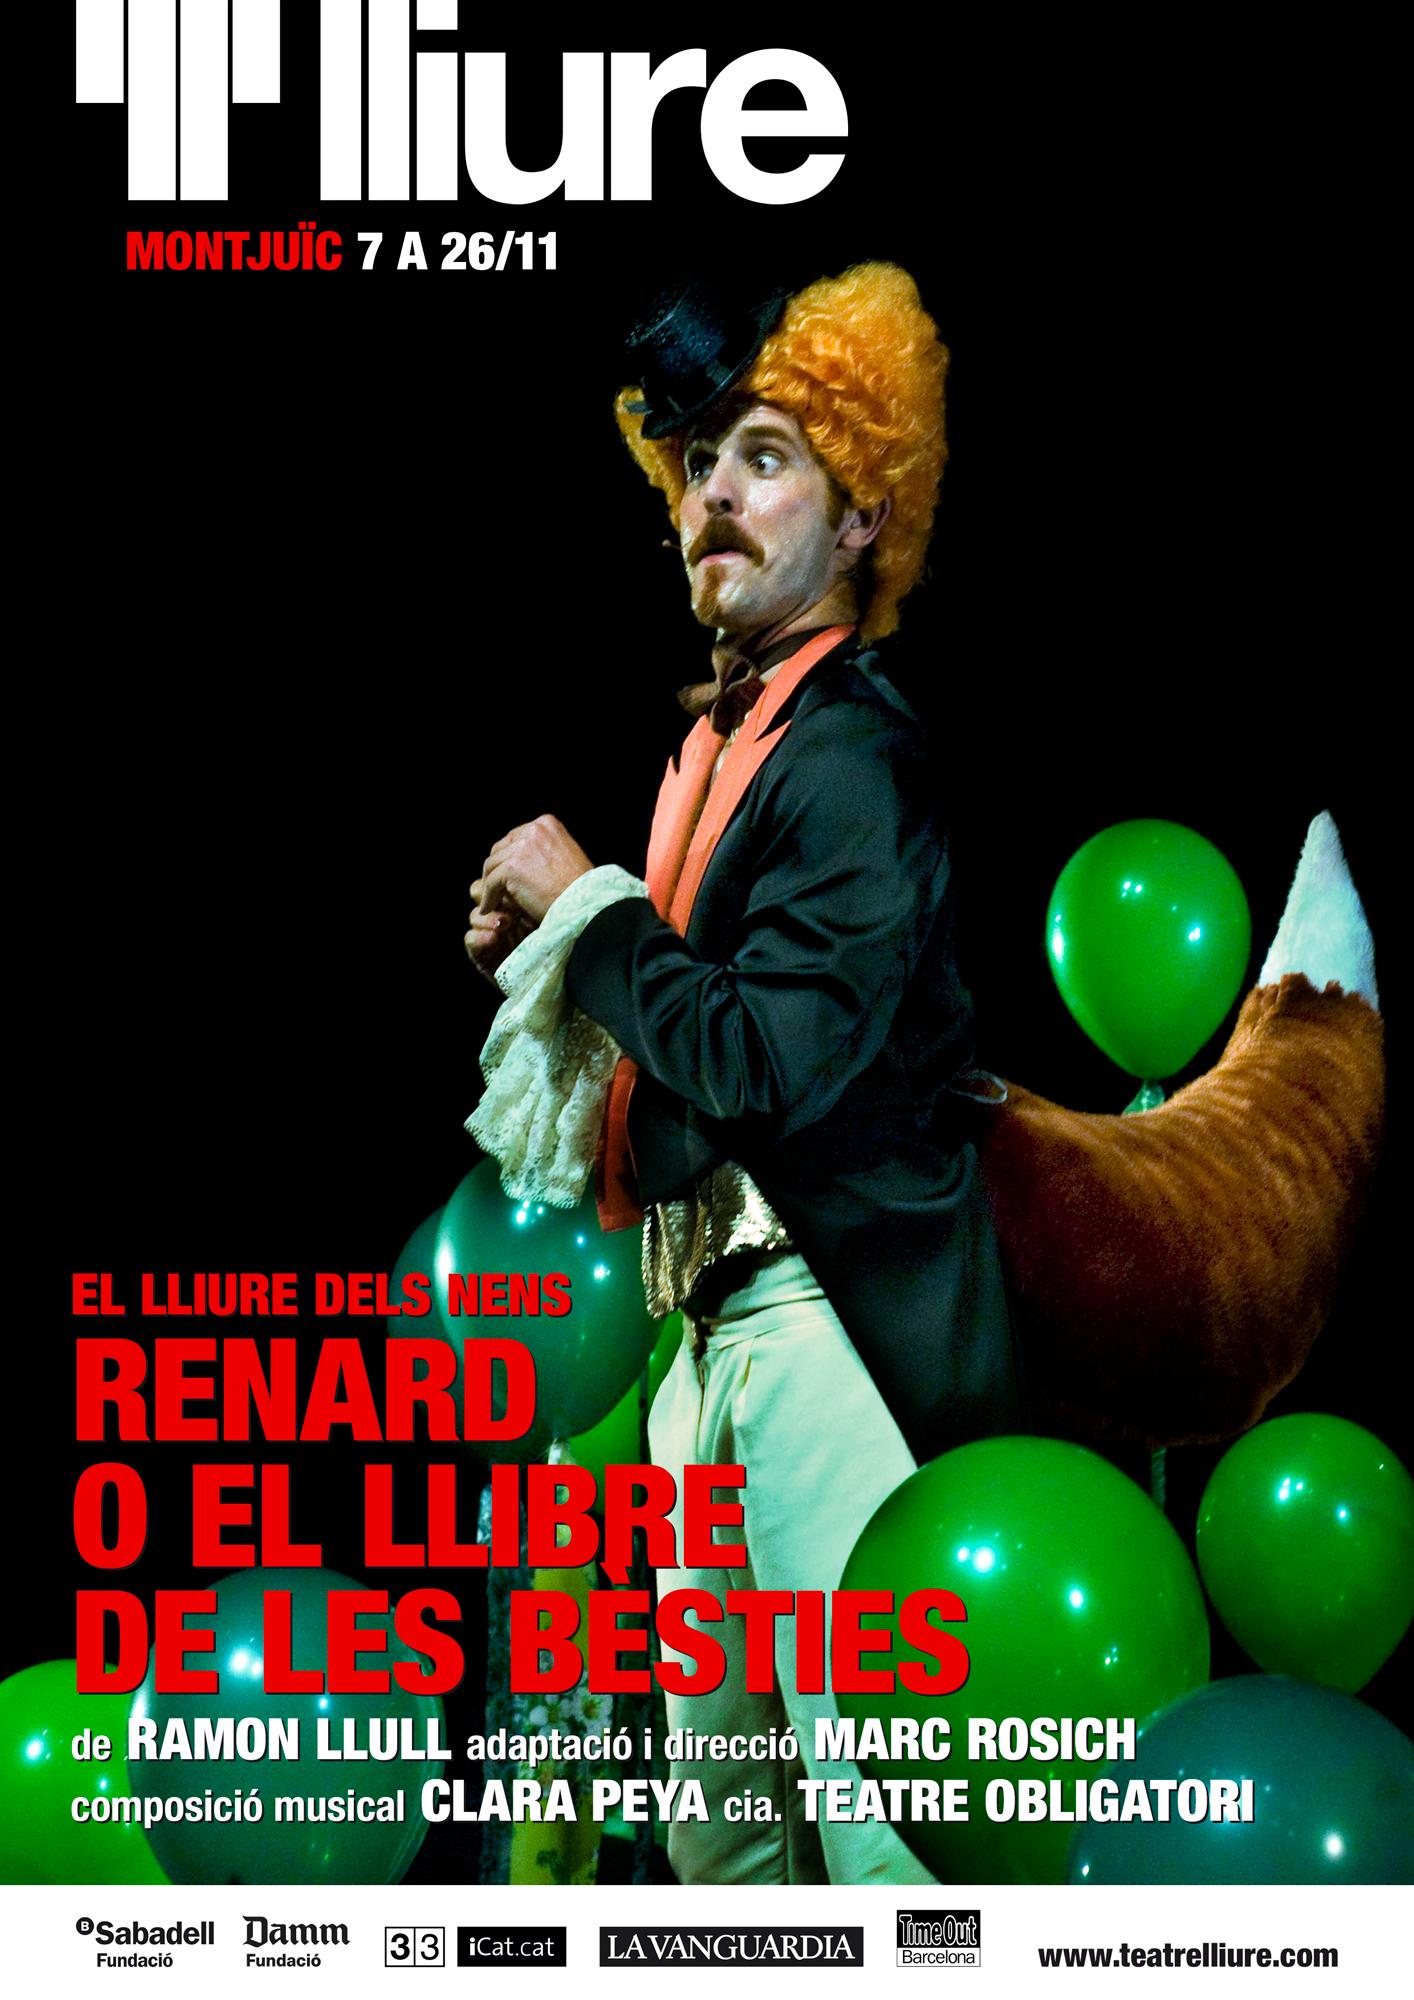 renard_cartell